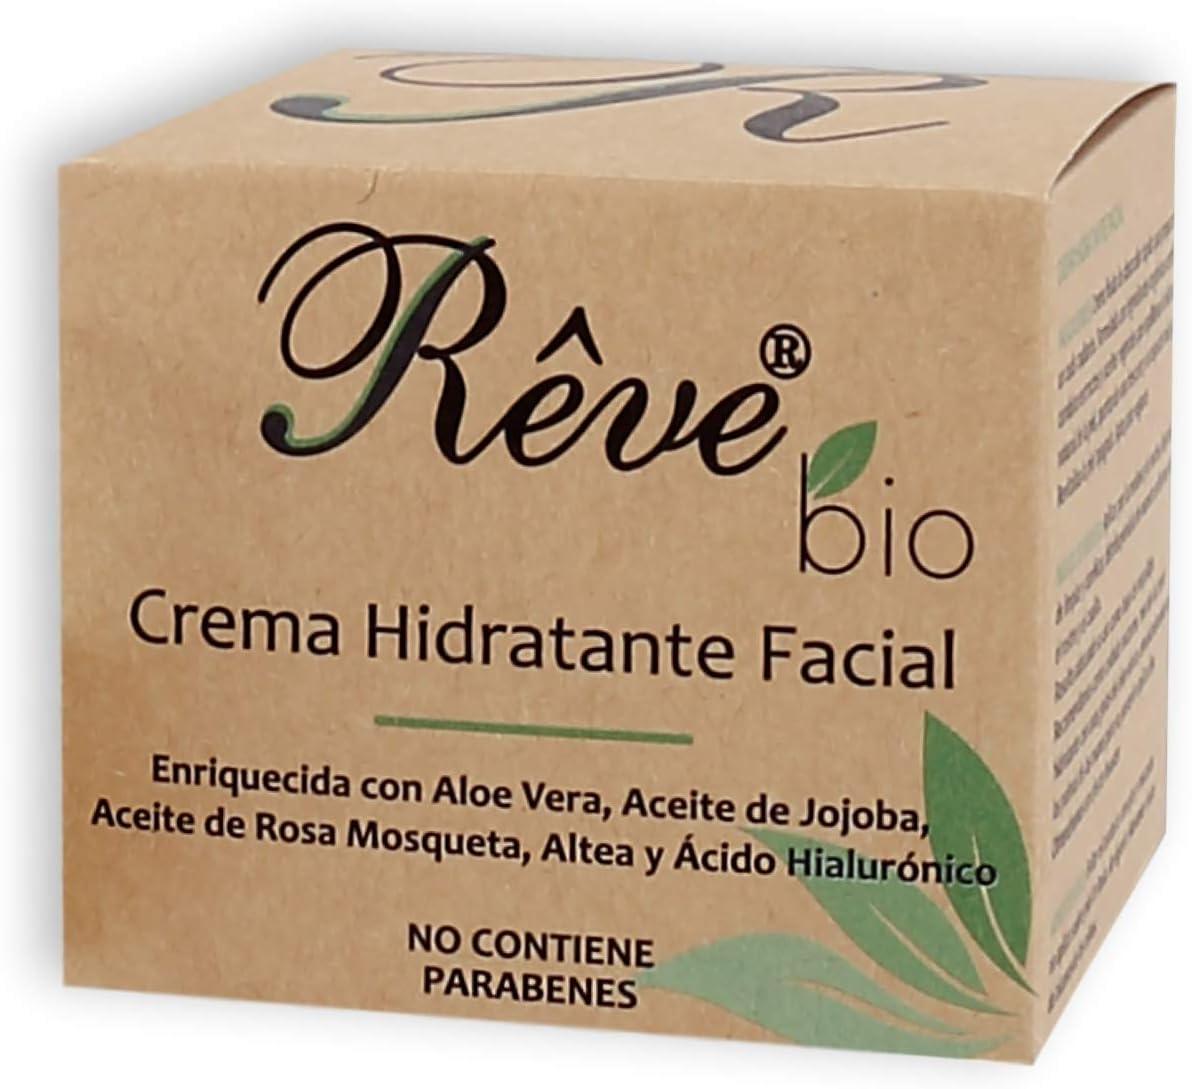 REVE Crema Hidratante Facial Bio - Hombre y Mujer, Día y Noche ...